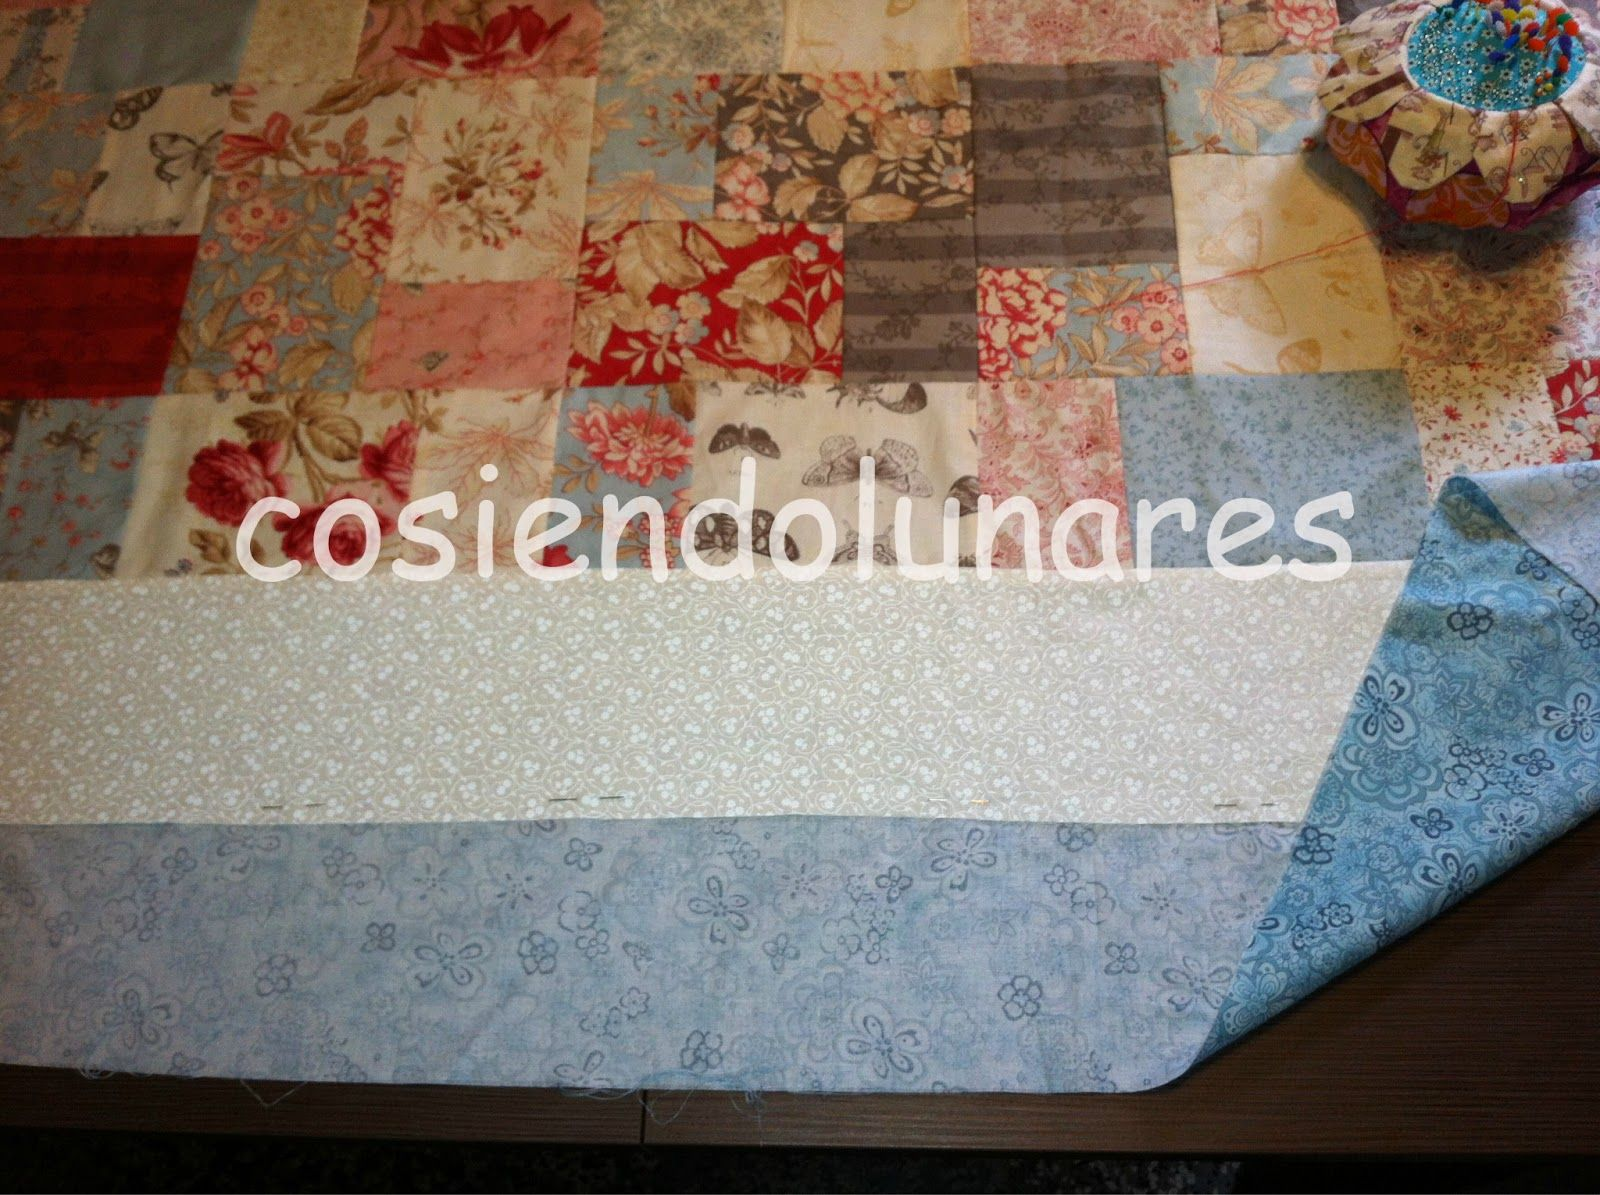 cosiendolunares - costura y patchwork: Cómo poner la tela trasera de un quilt